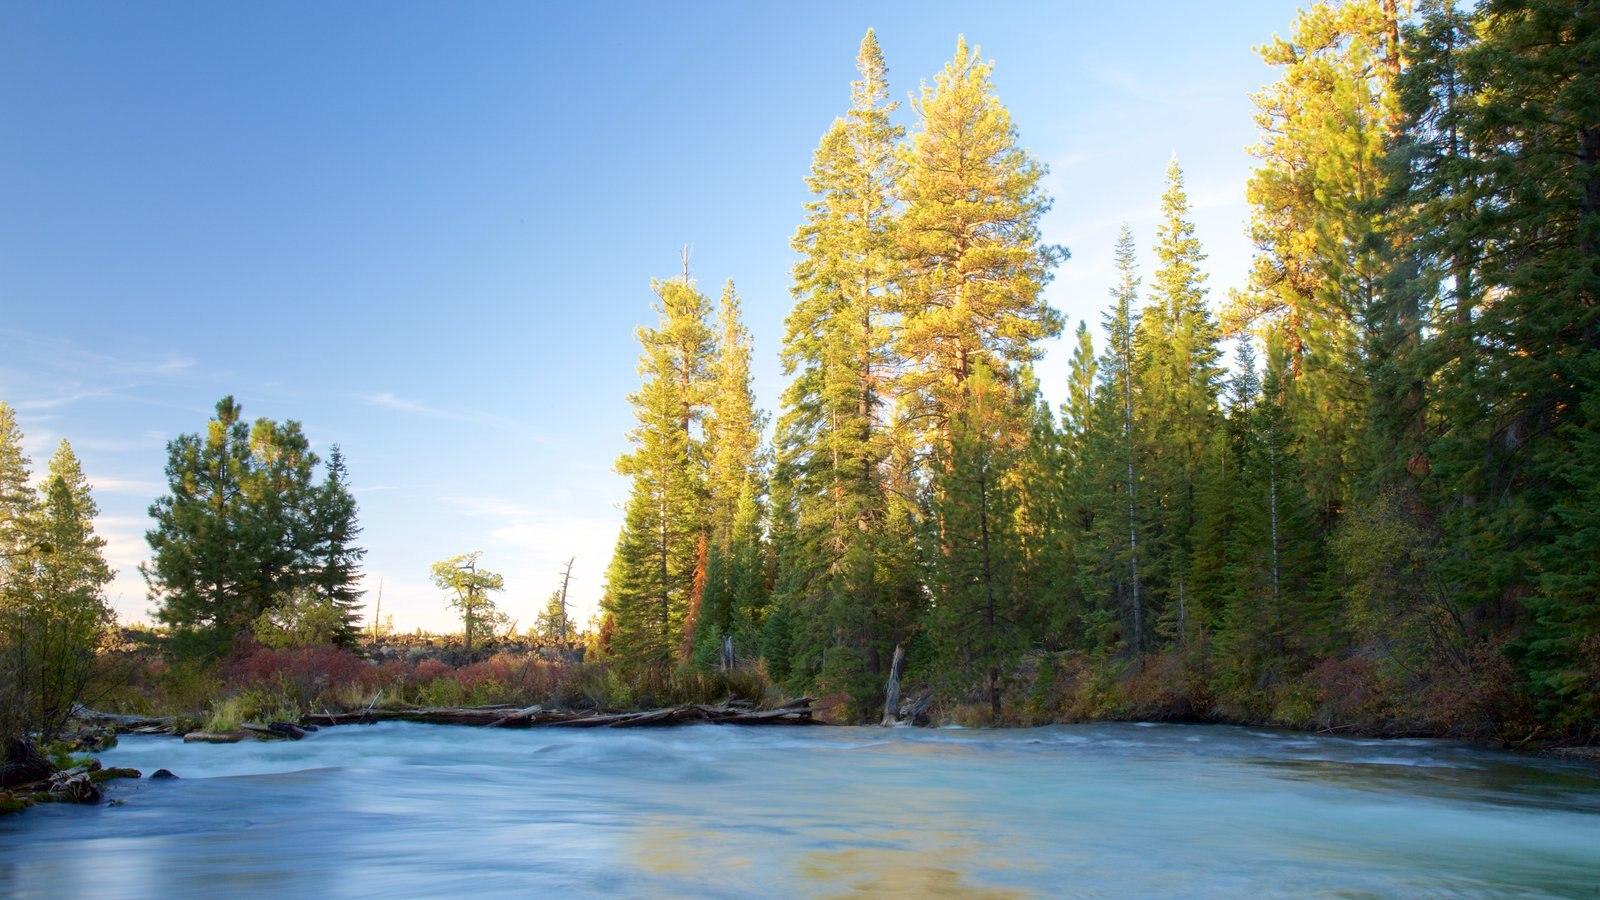 Deschutes National Forest ofreciendo un río o arroyo y escenas forestales